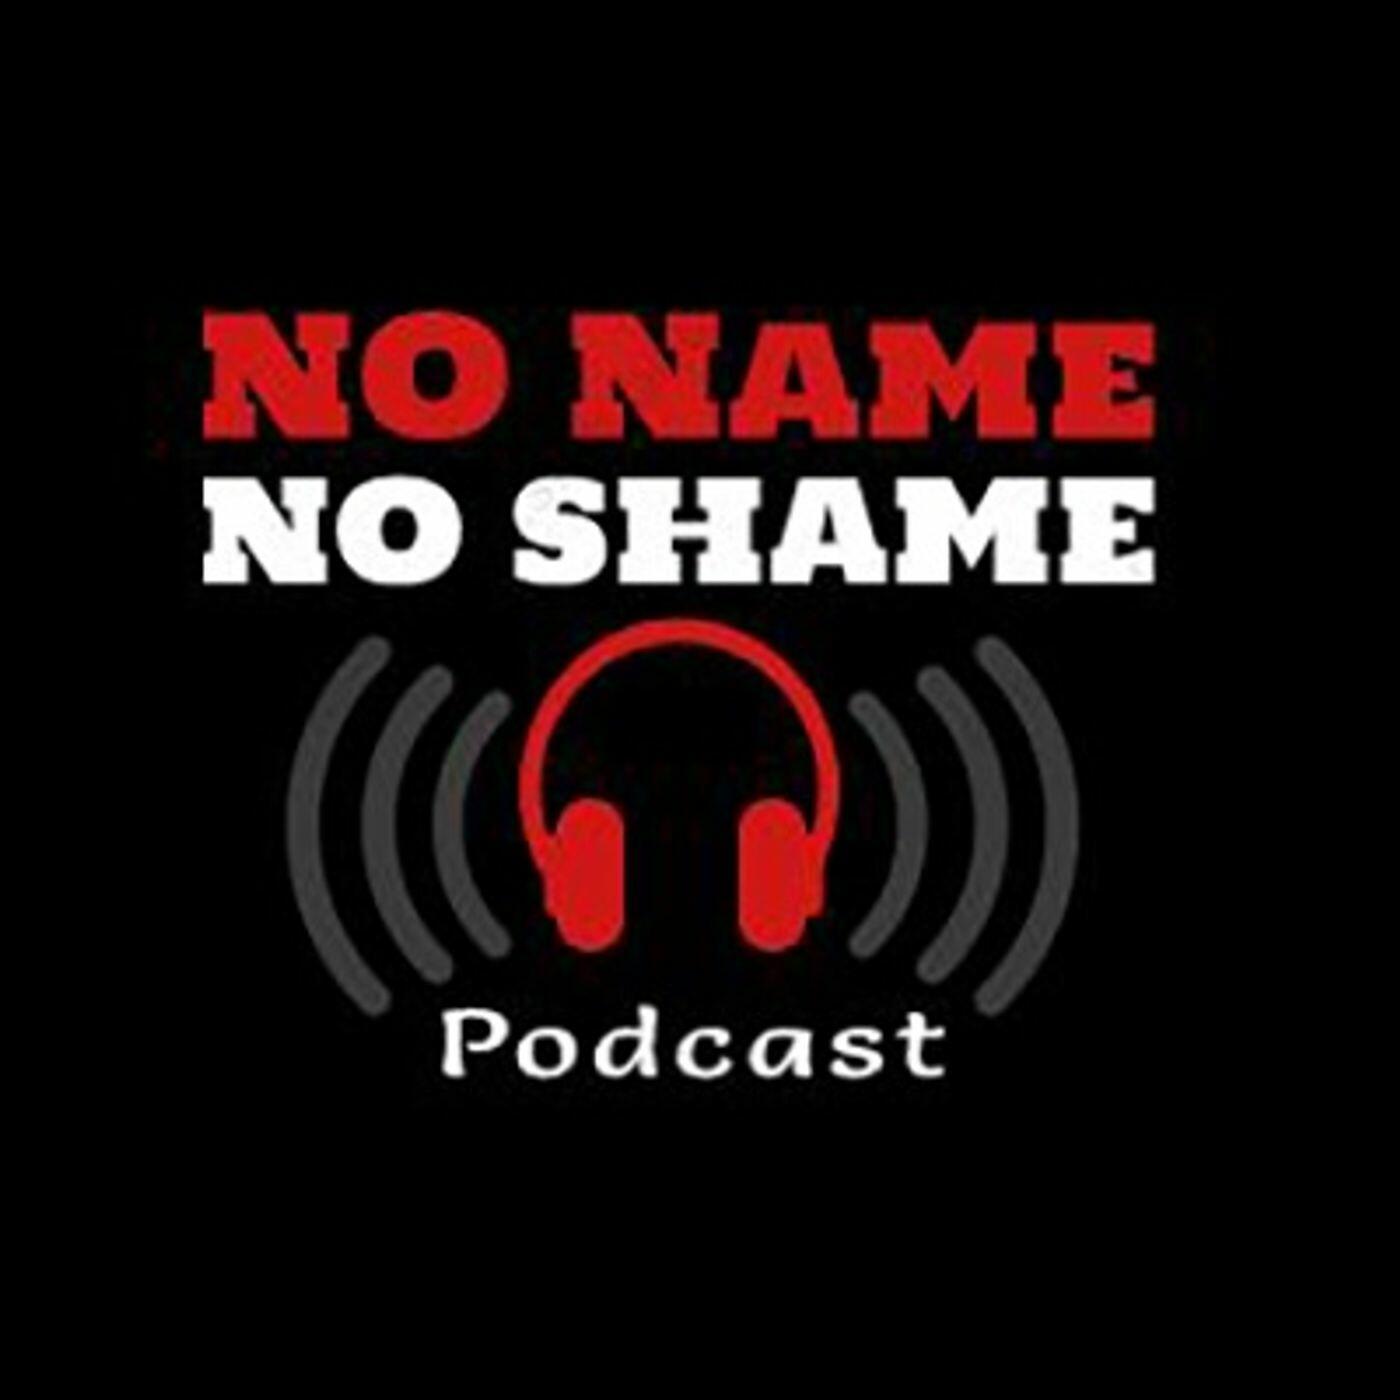 No Name, No Shame